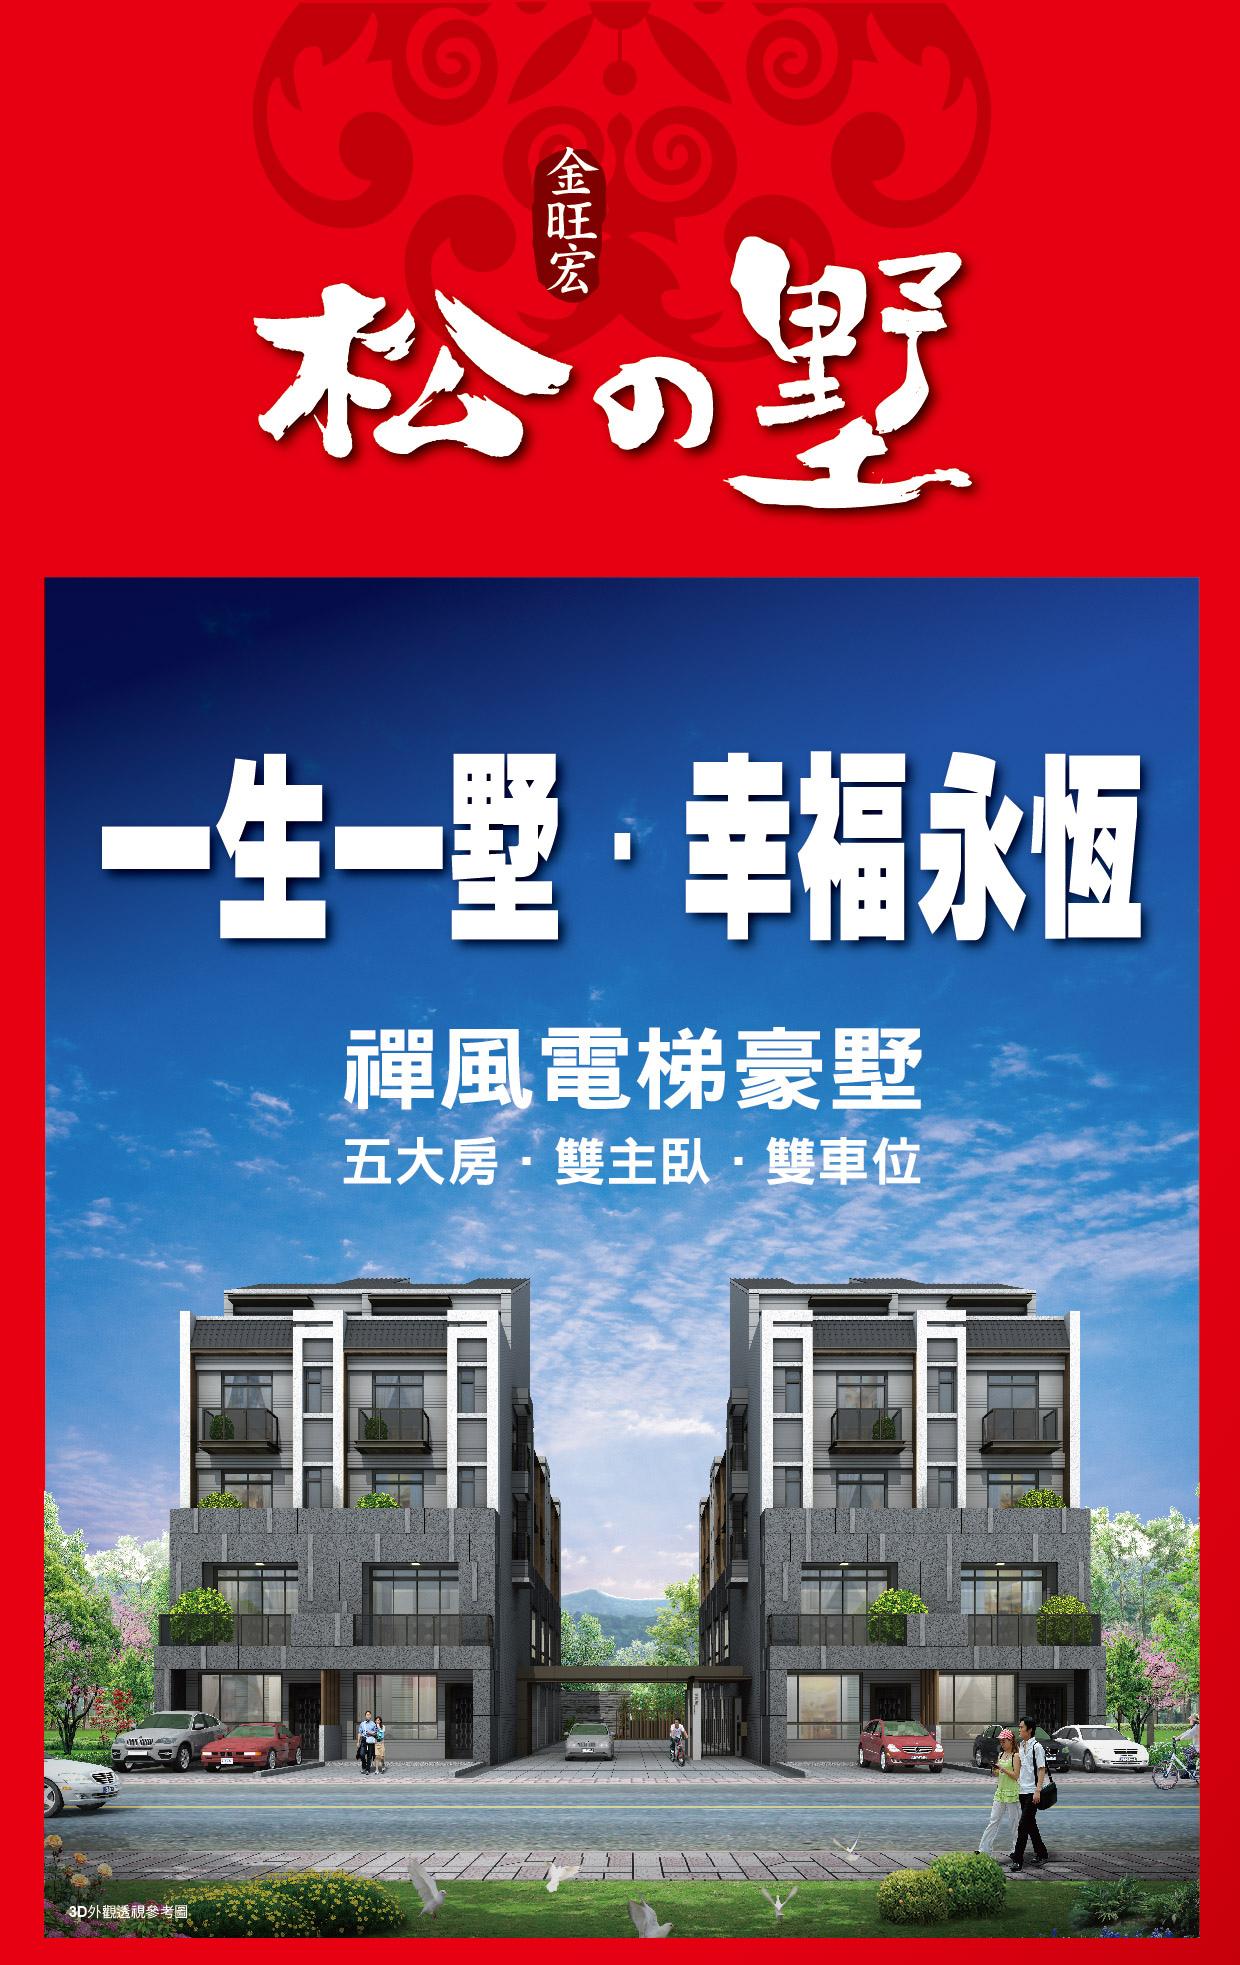 [新埔仰德]金旺宏實業-松之墅(電梯透天) 20180124-02.jpg